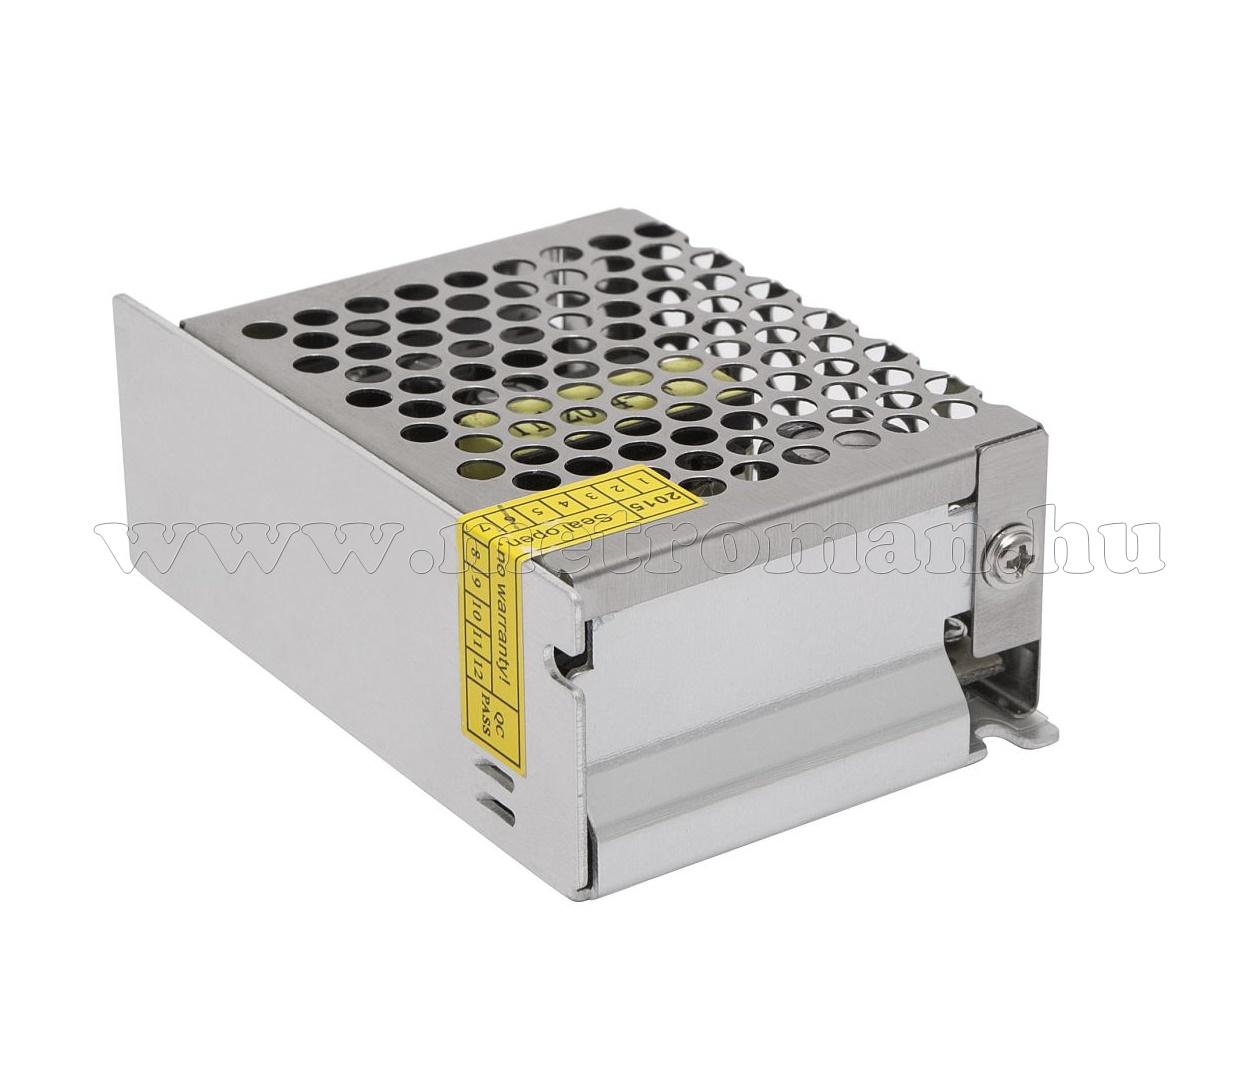 Fémházas, beépíthető, ipari tápegység 230/12 V 2 Amper